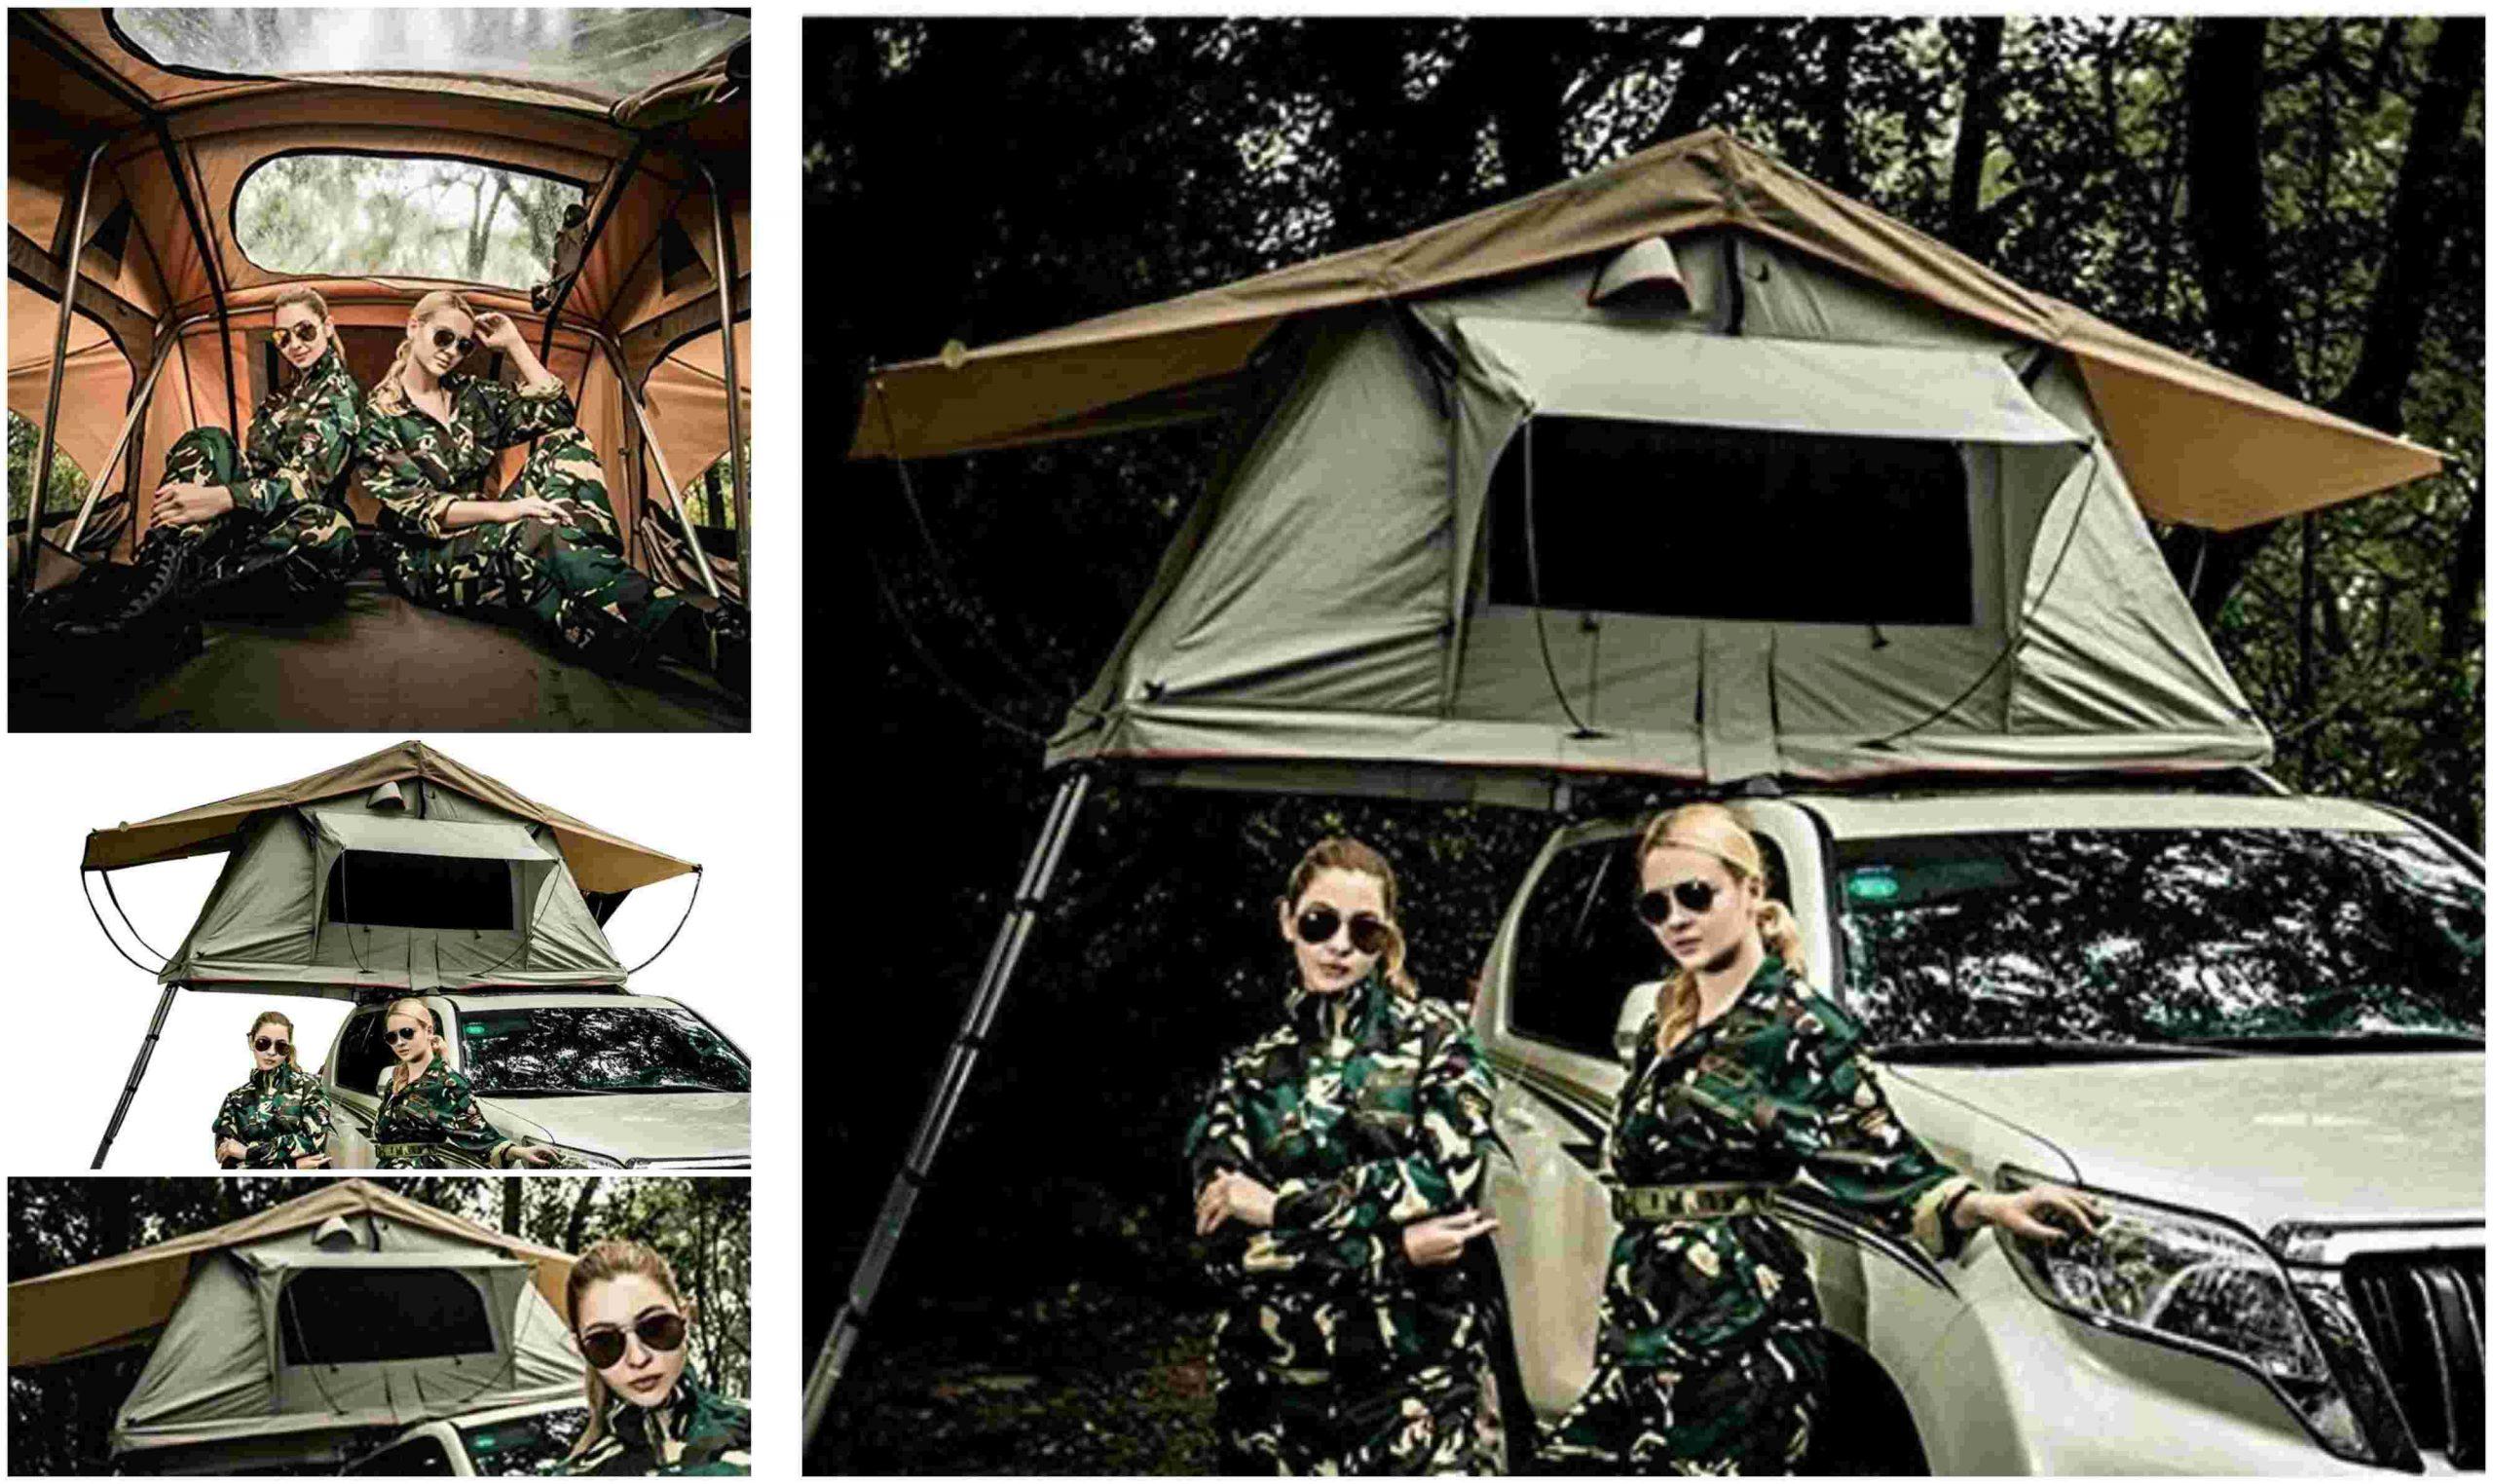 una-de-las-mejores-tiendas-de-campaña-de-techo-para-glamping-rof-top-tent-TFGY